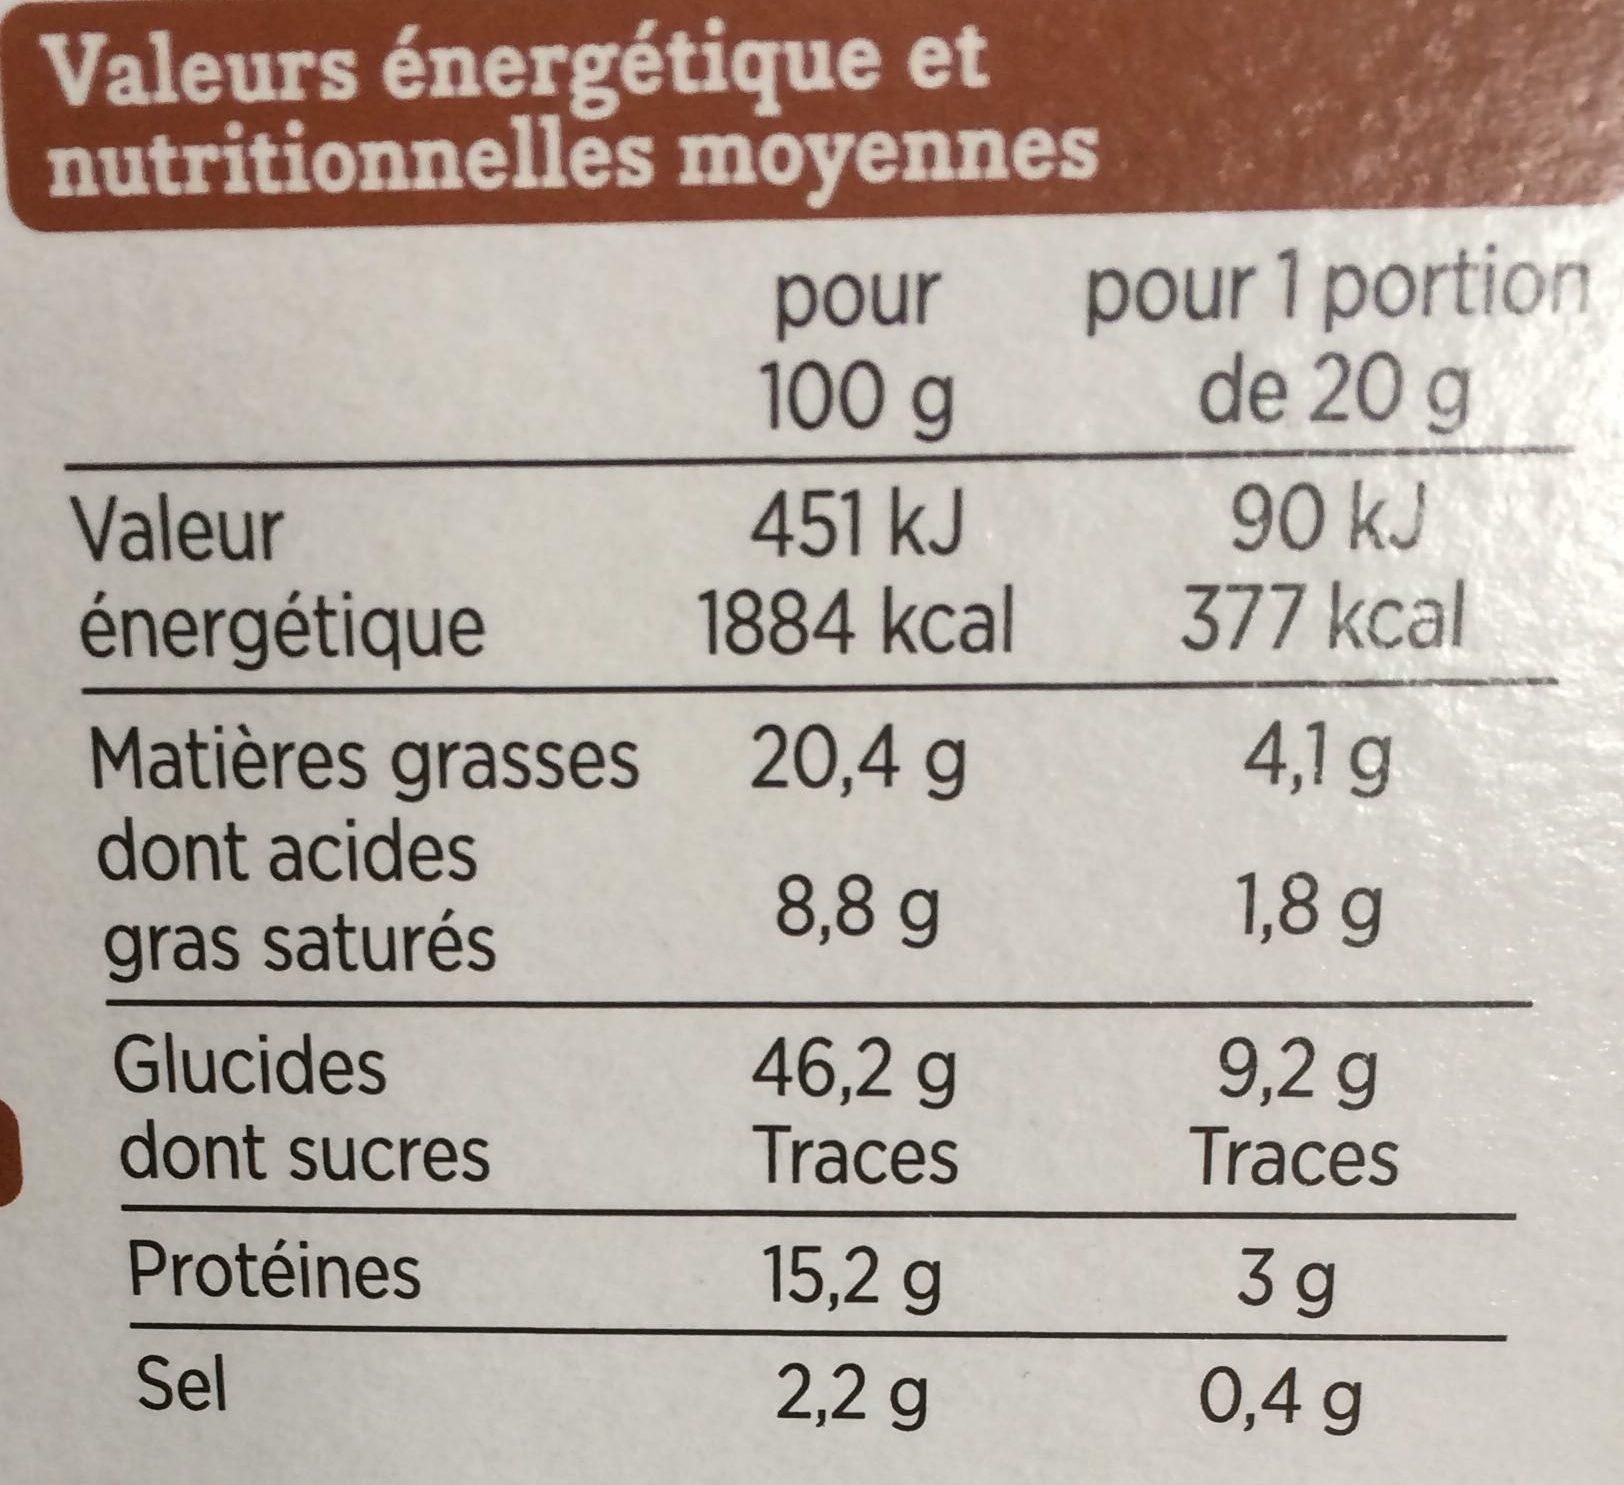 Craquines mélange de graines - Nutrition facts - fr